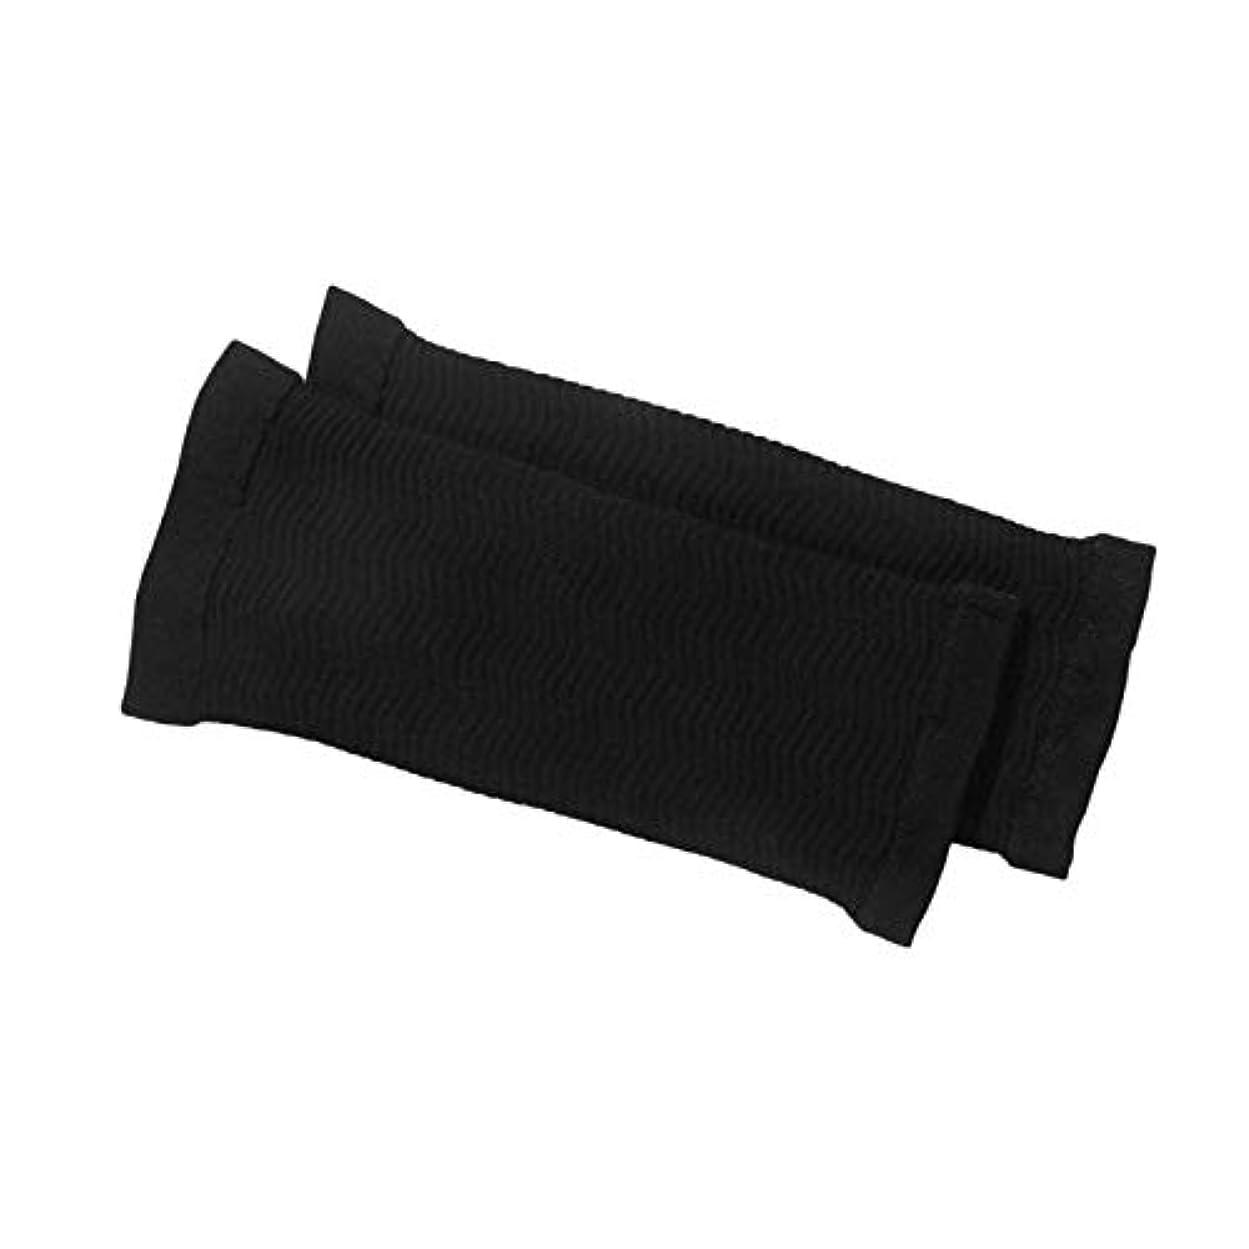 感嘆ソケット個人的な1ペア420 D圧縮痩身アームスリーブワークアウトトーニングバーンセルライトシェイパー脂肪燃焼袖用女性 - 黒